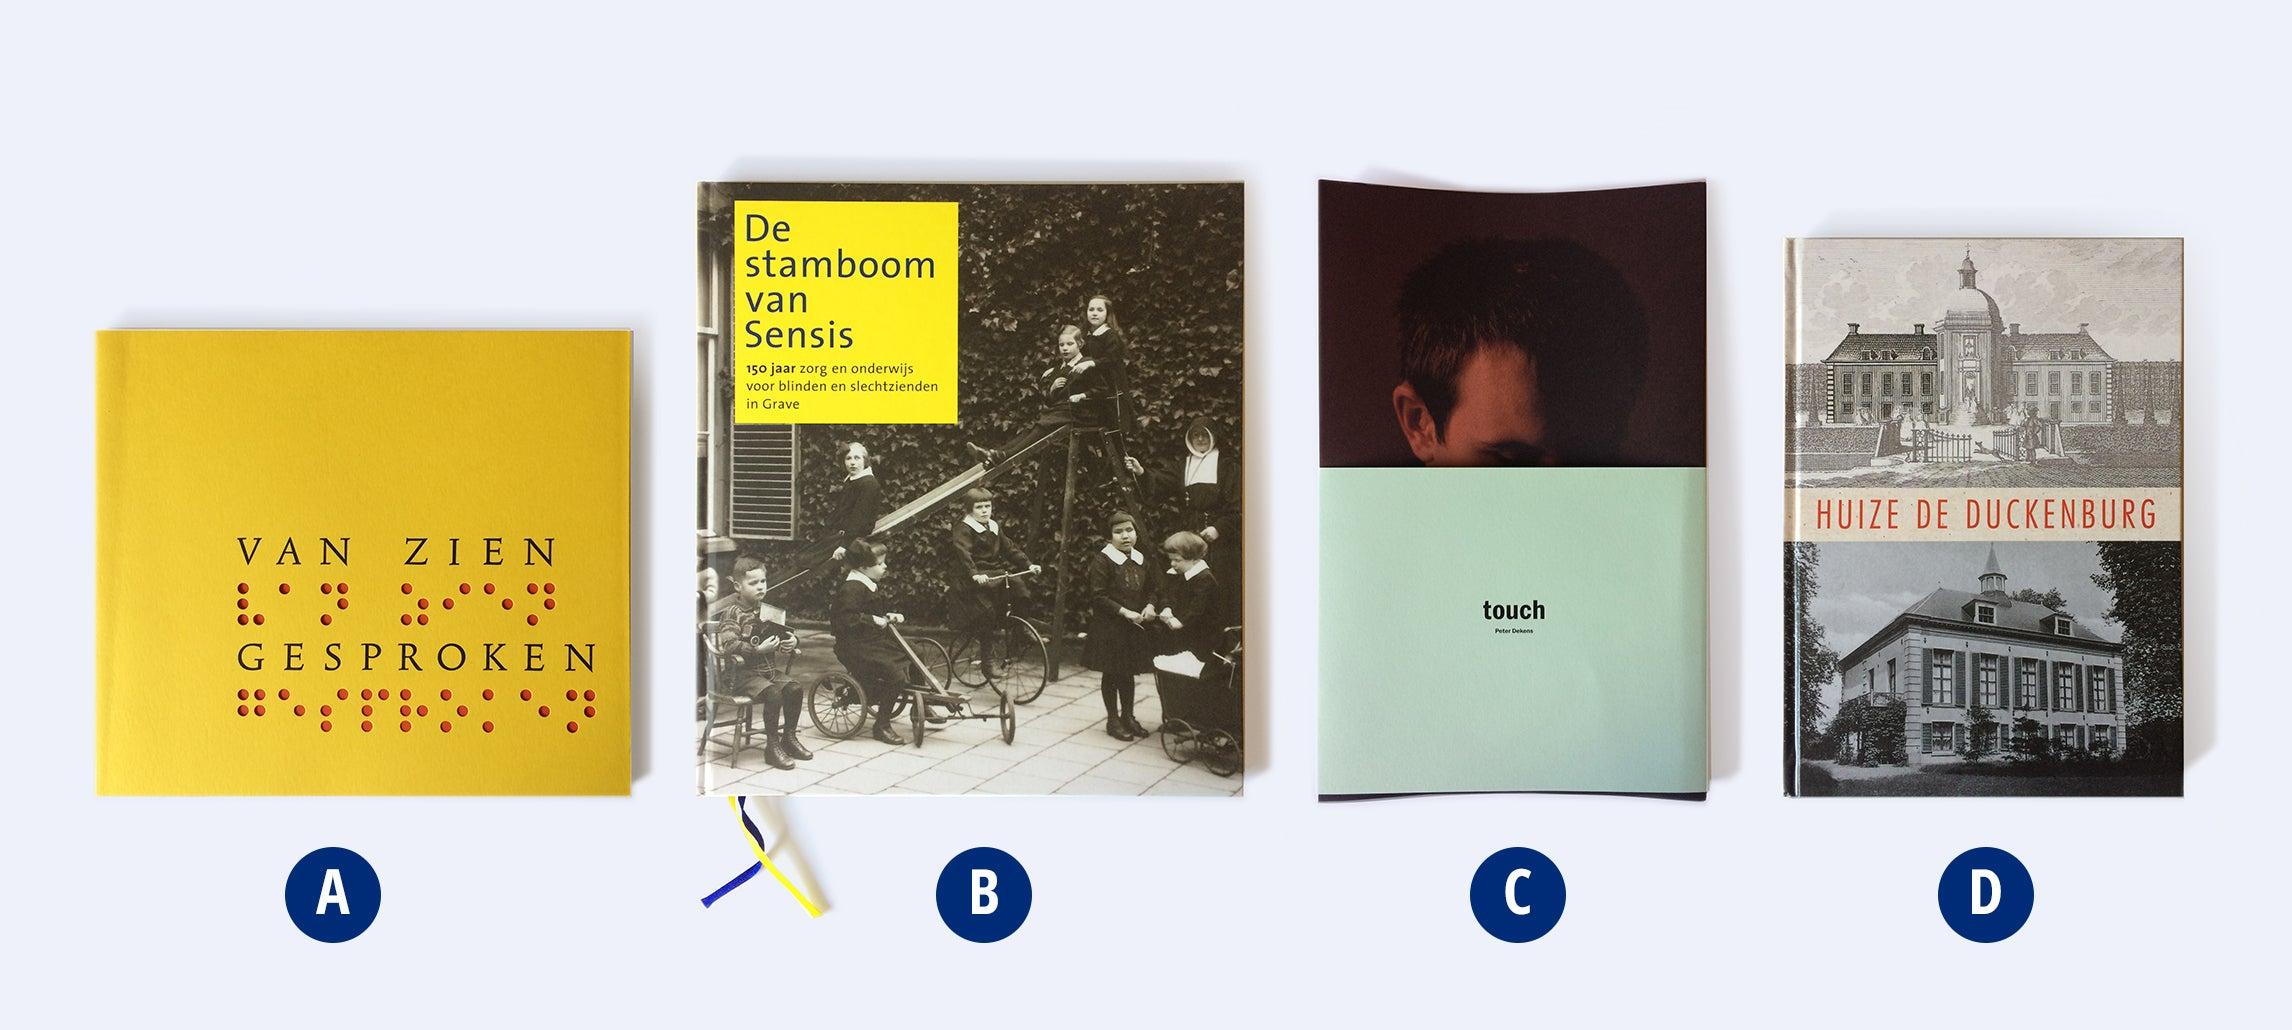 Voorzijde van de boeken: A. Van Zien Gesproken B. De Stamboom van Sensis C. Touch D. Huize de Duckenburg